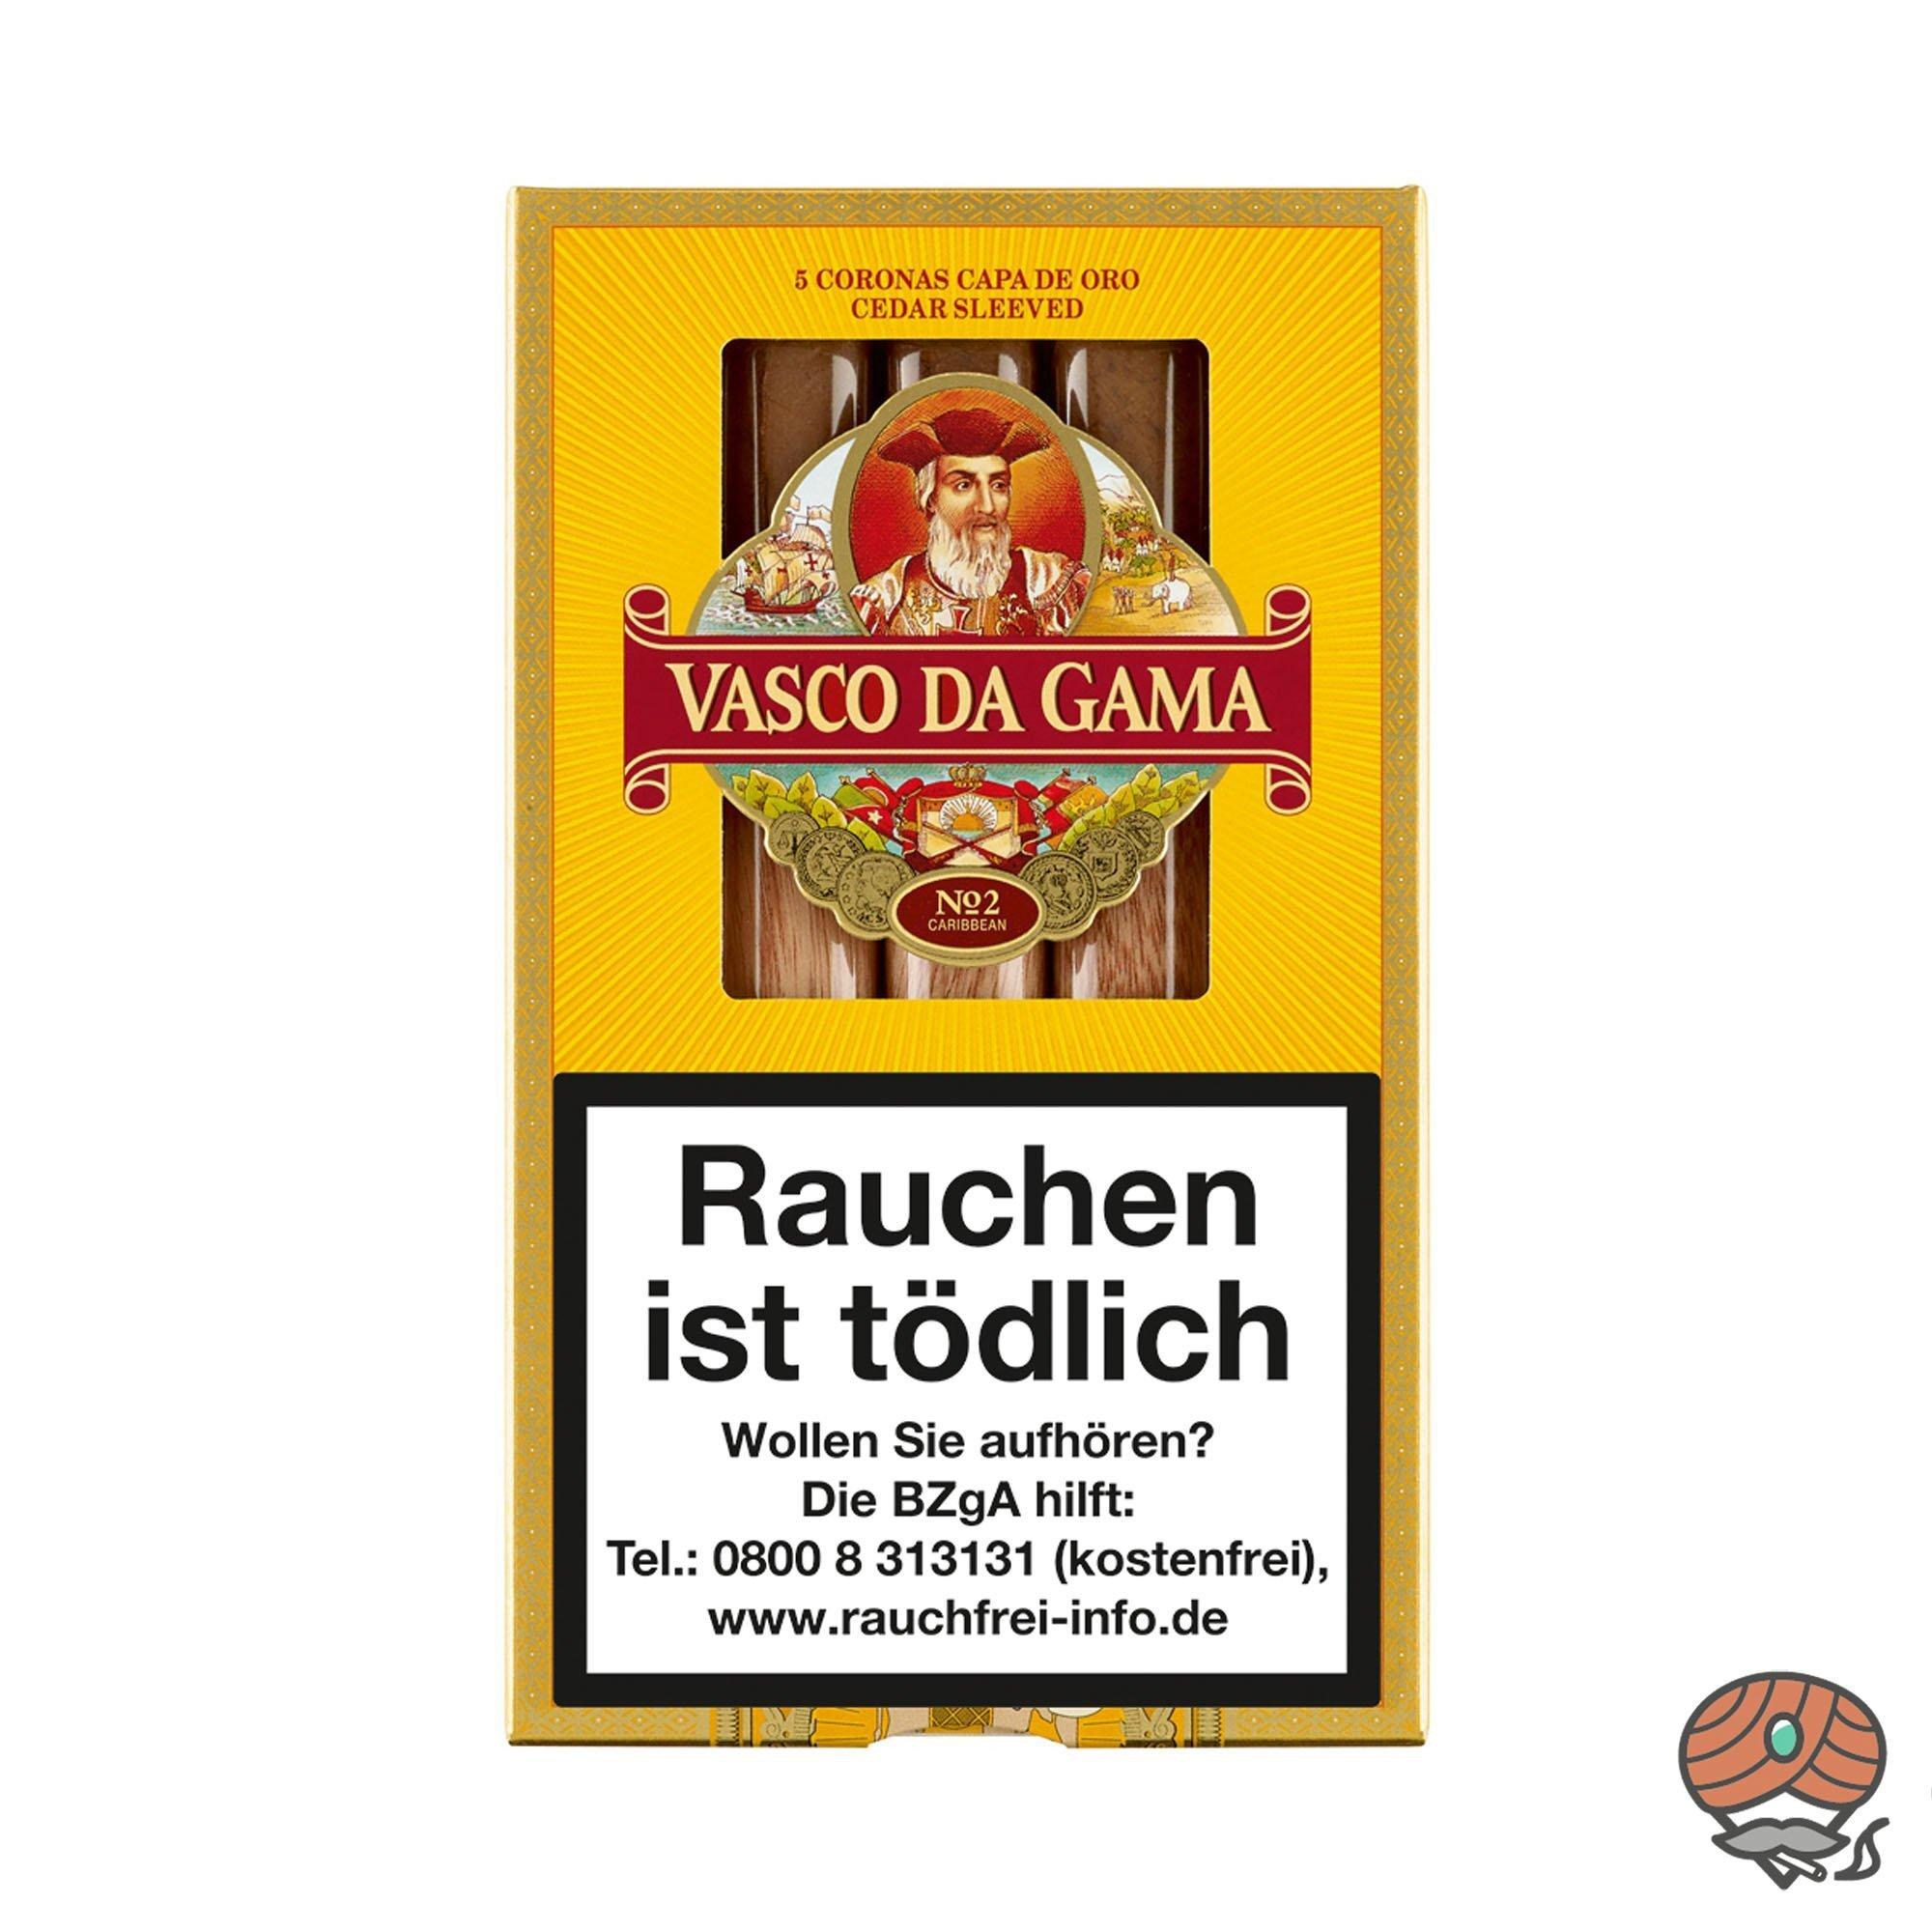 Vasco da Gama Corona Capa de Oro No 2 Caribbean 5 Zigarren